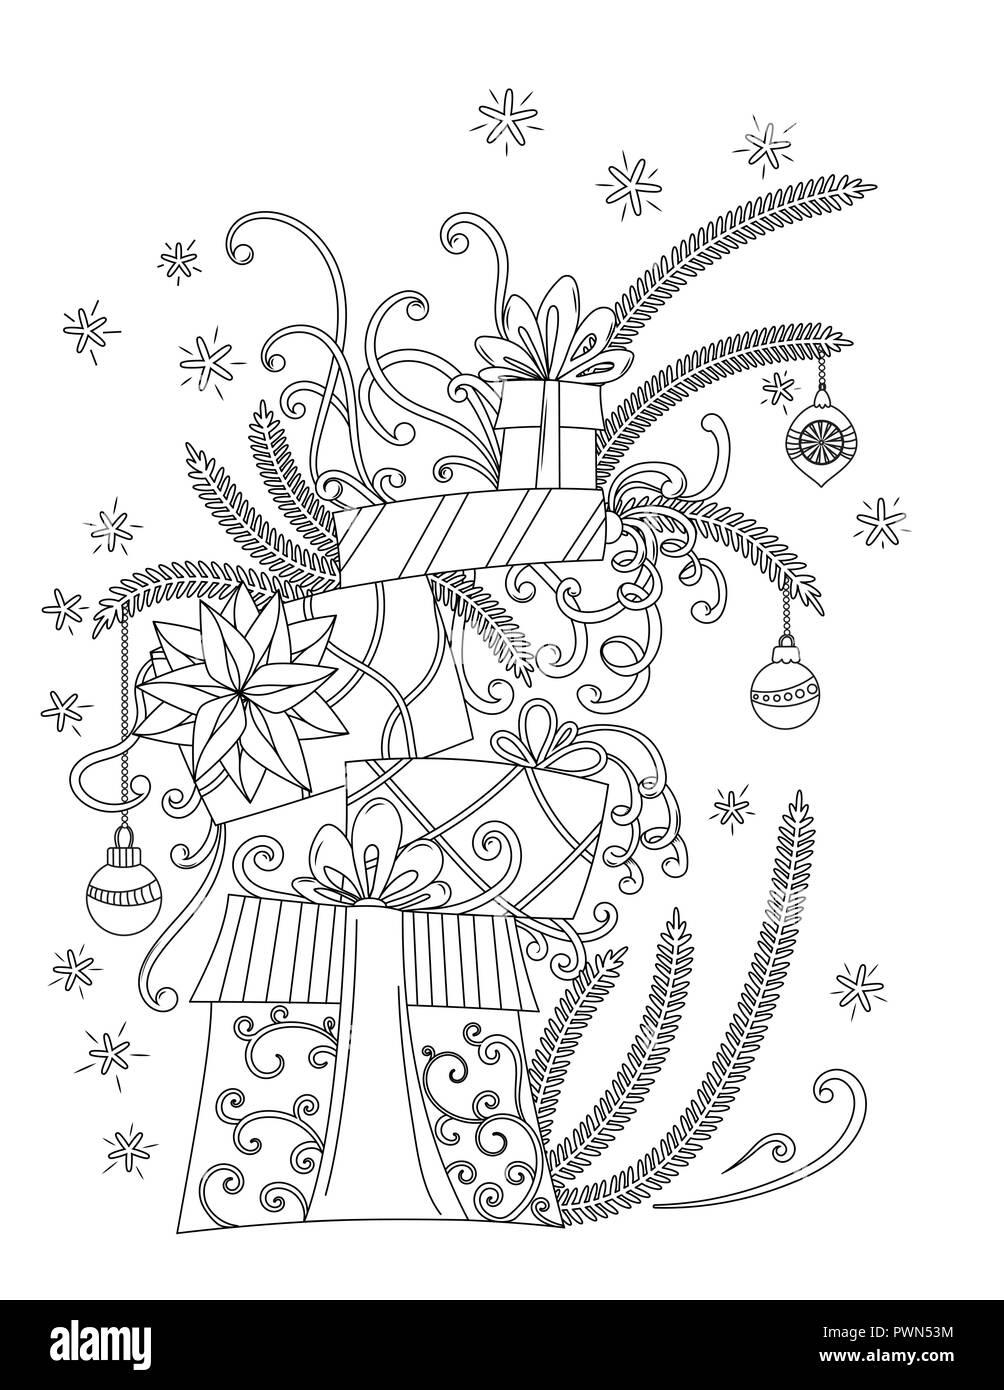 Coloriages De Noël Livre De Coloriage Pour Les Adultes Maison De